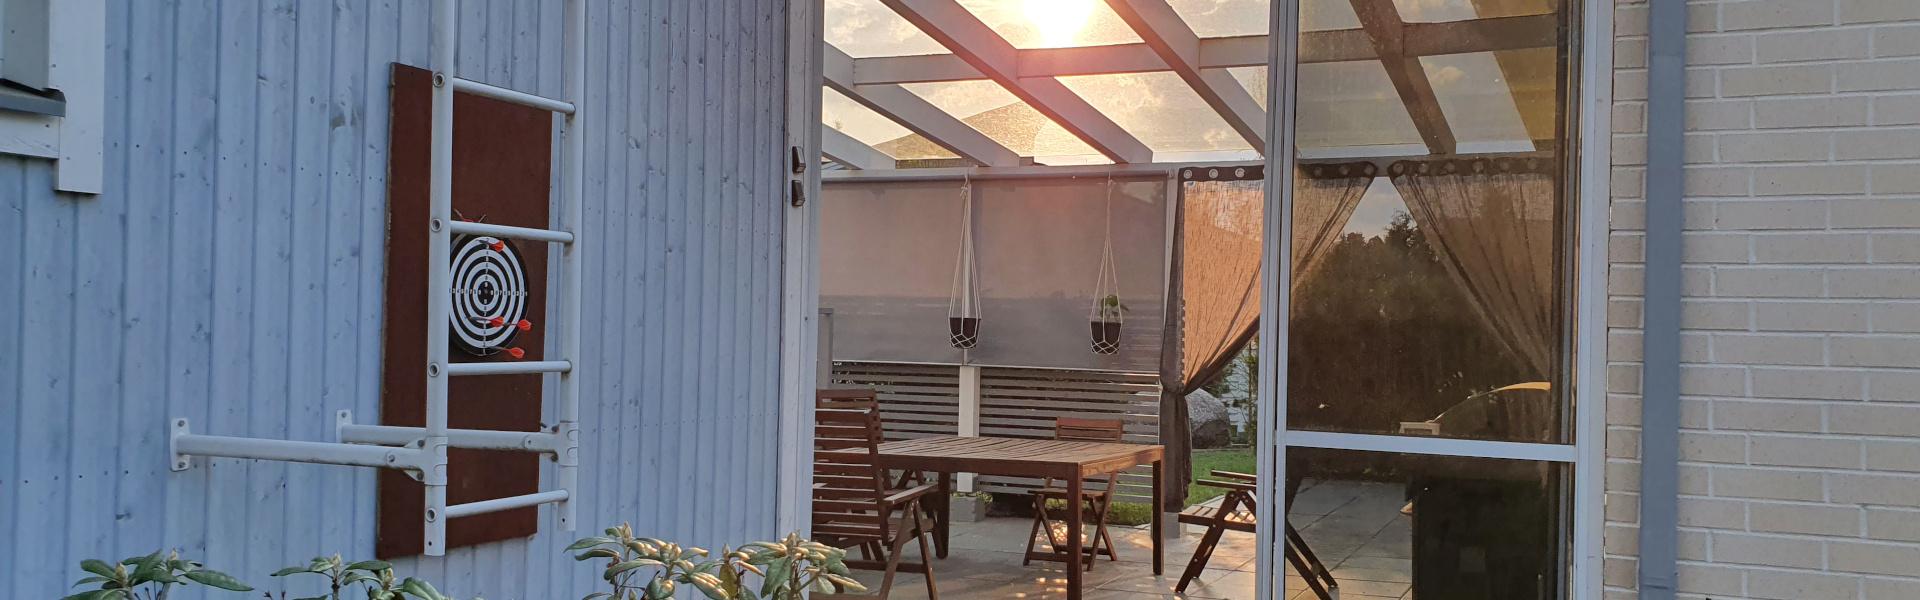 Modern Guesthouse in Iltasmäki, Pälkäne